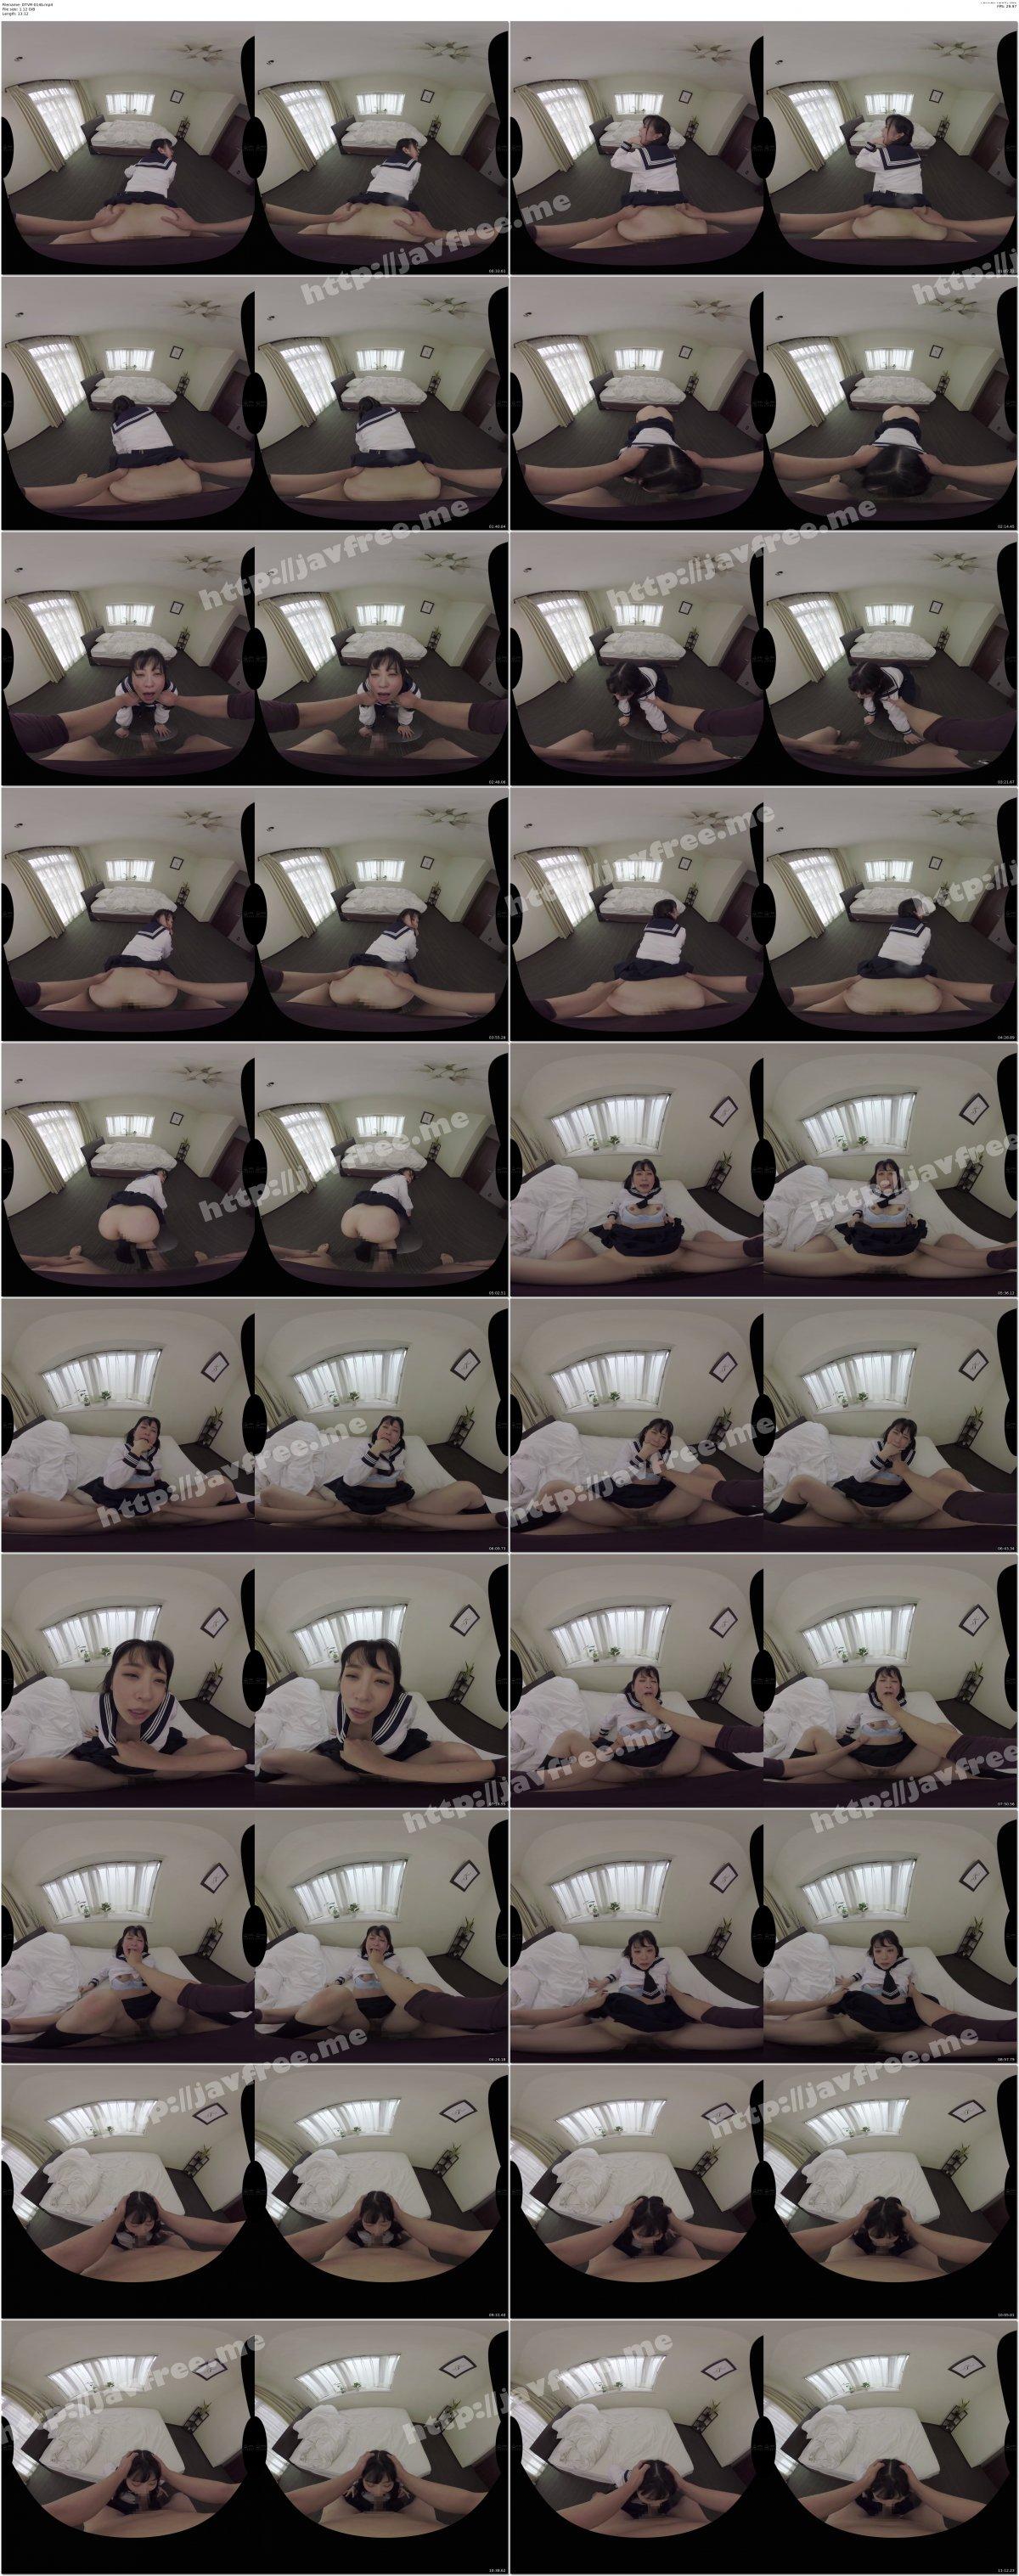 [DTVR-014] 【VR】泣きじゃくり ver.VR 皆野あい - image DTVR-014b on https://javfree.me